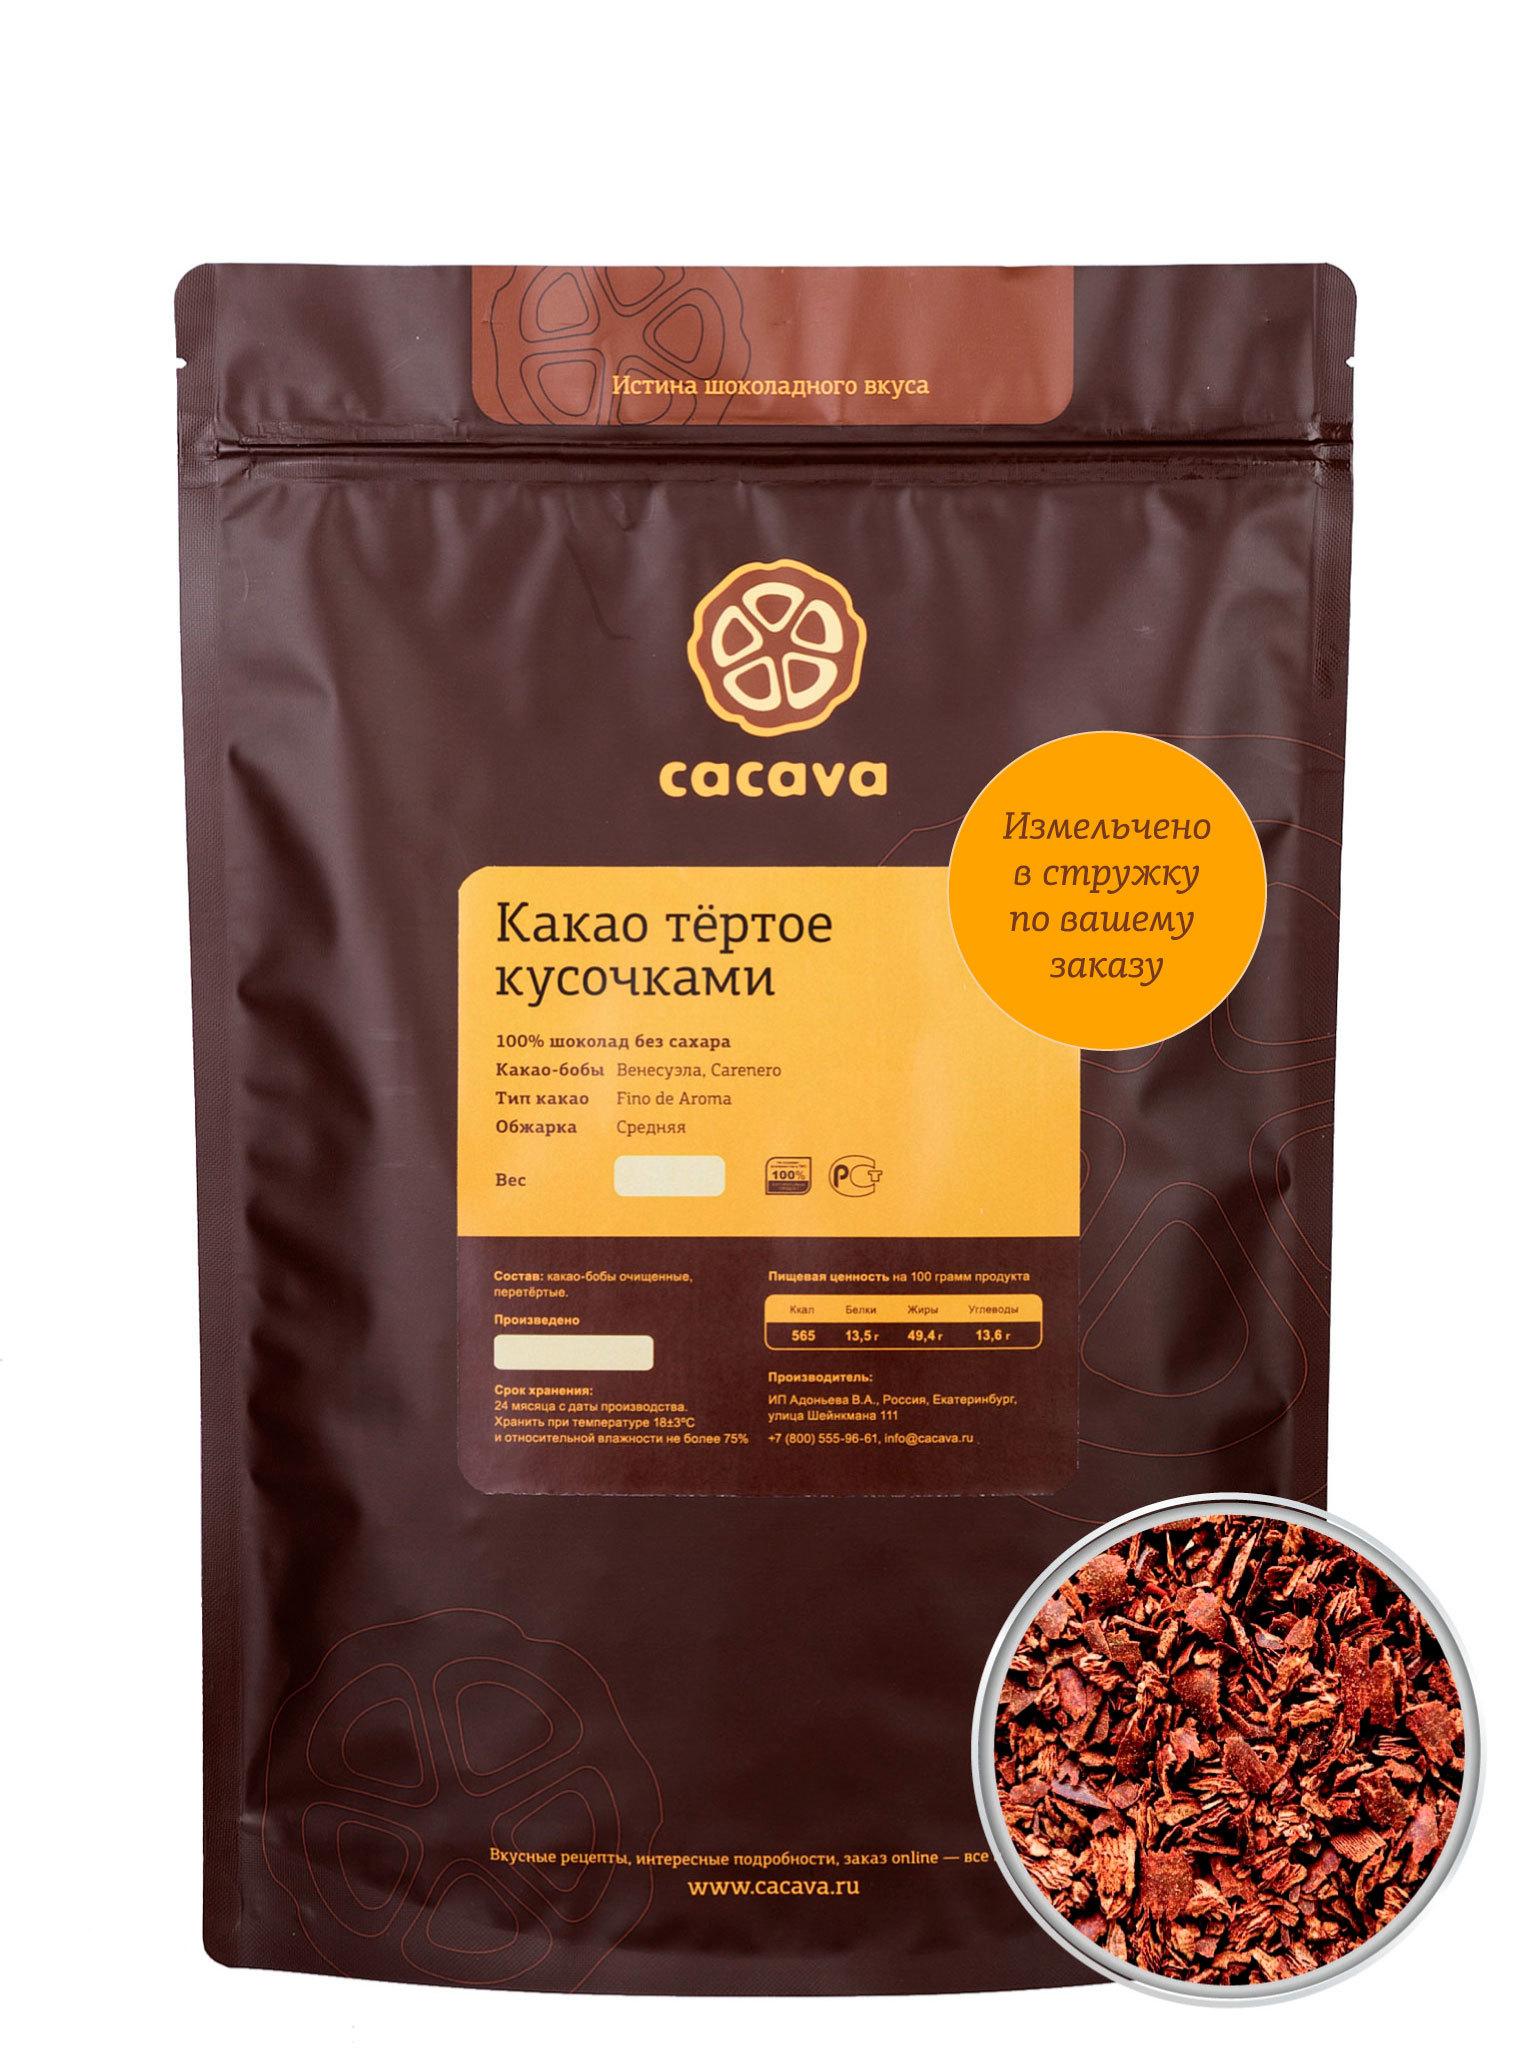 Какао тёртое в стружка (Венесуэла), упаковка 1 кг